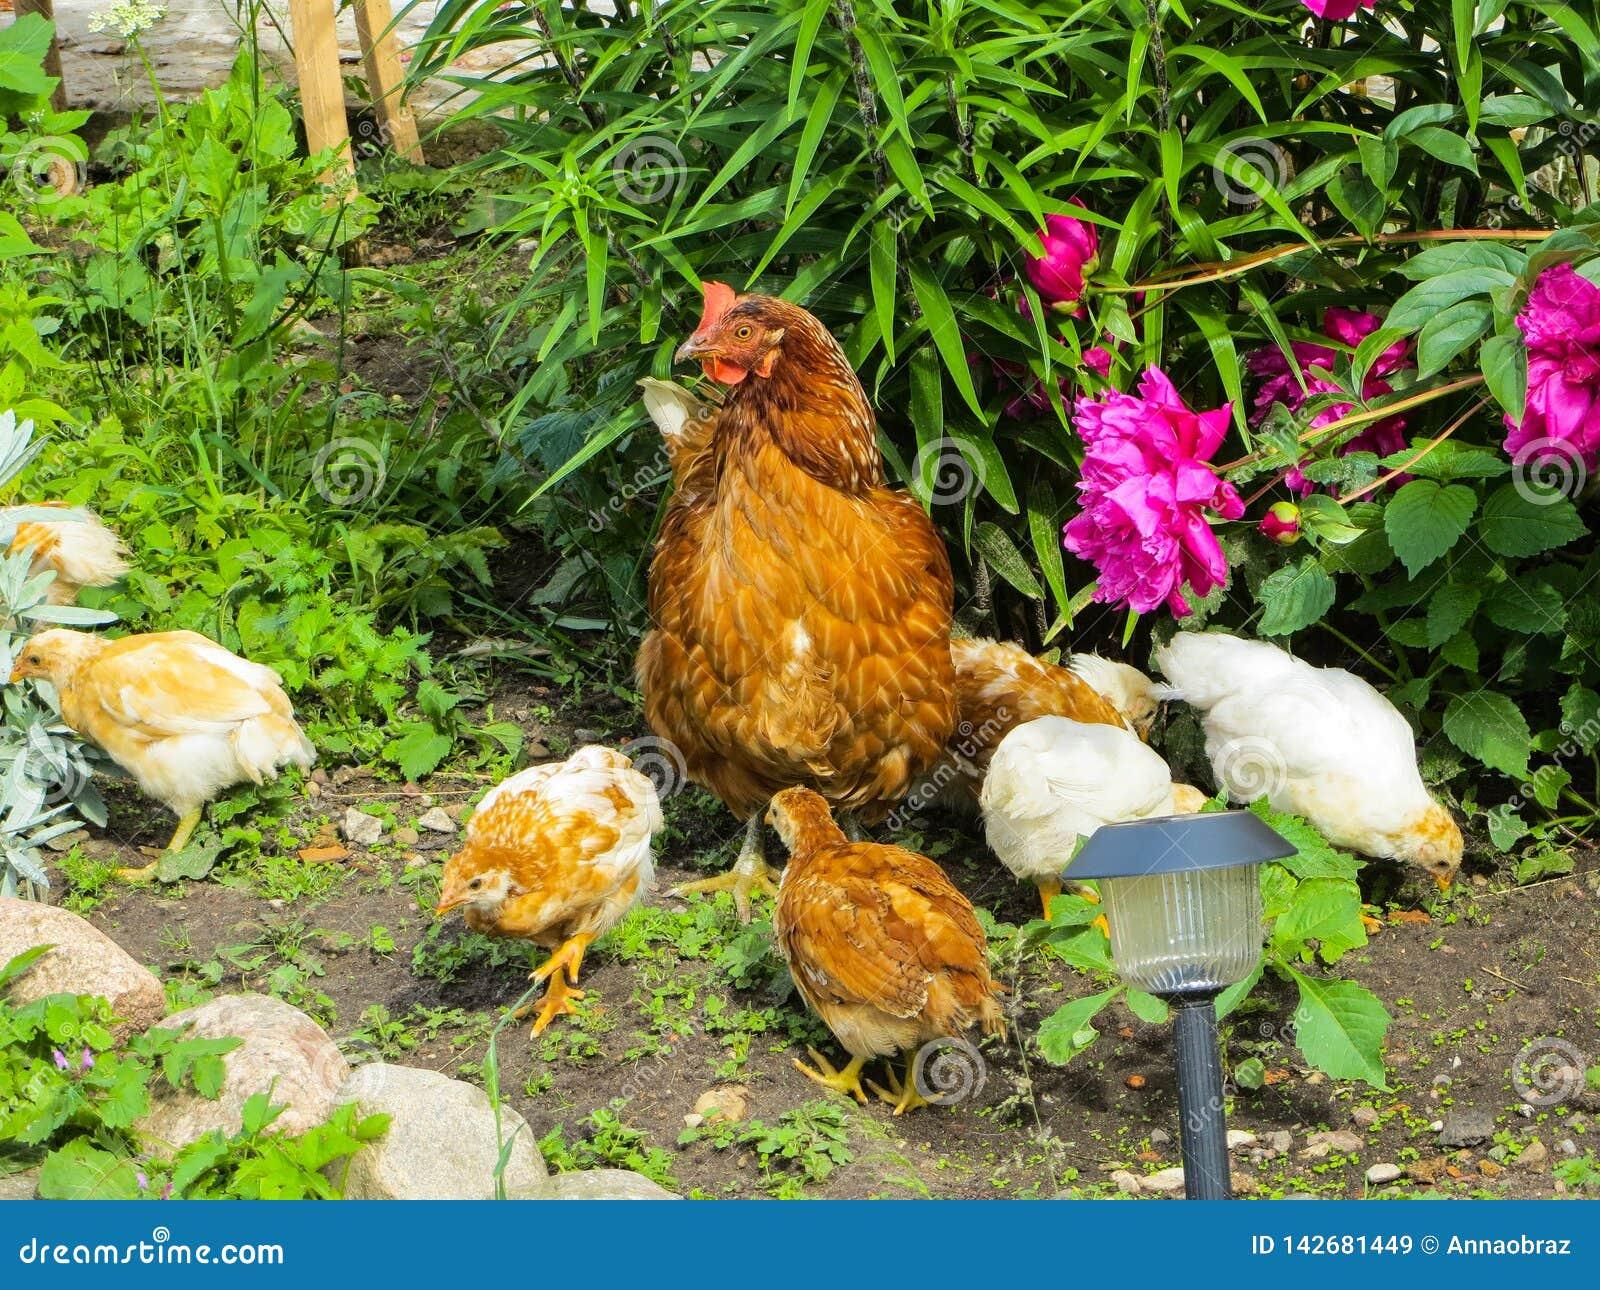 Цыпленок с цыплятами ища еда среди травы во дворе